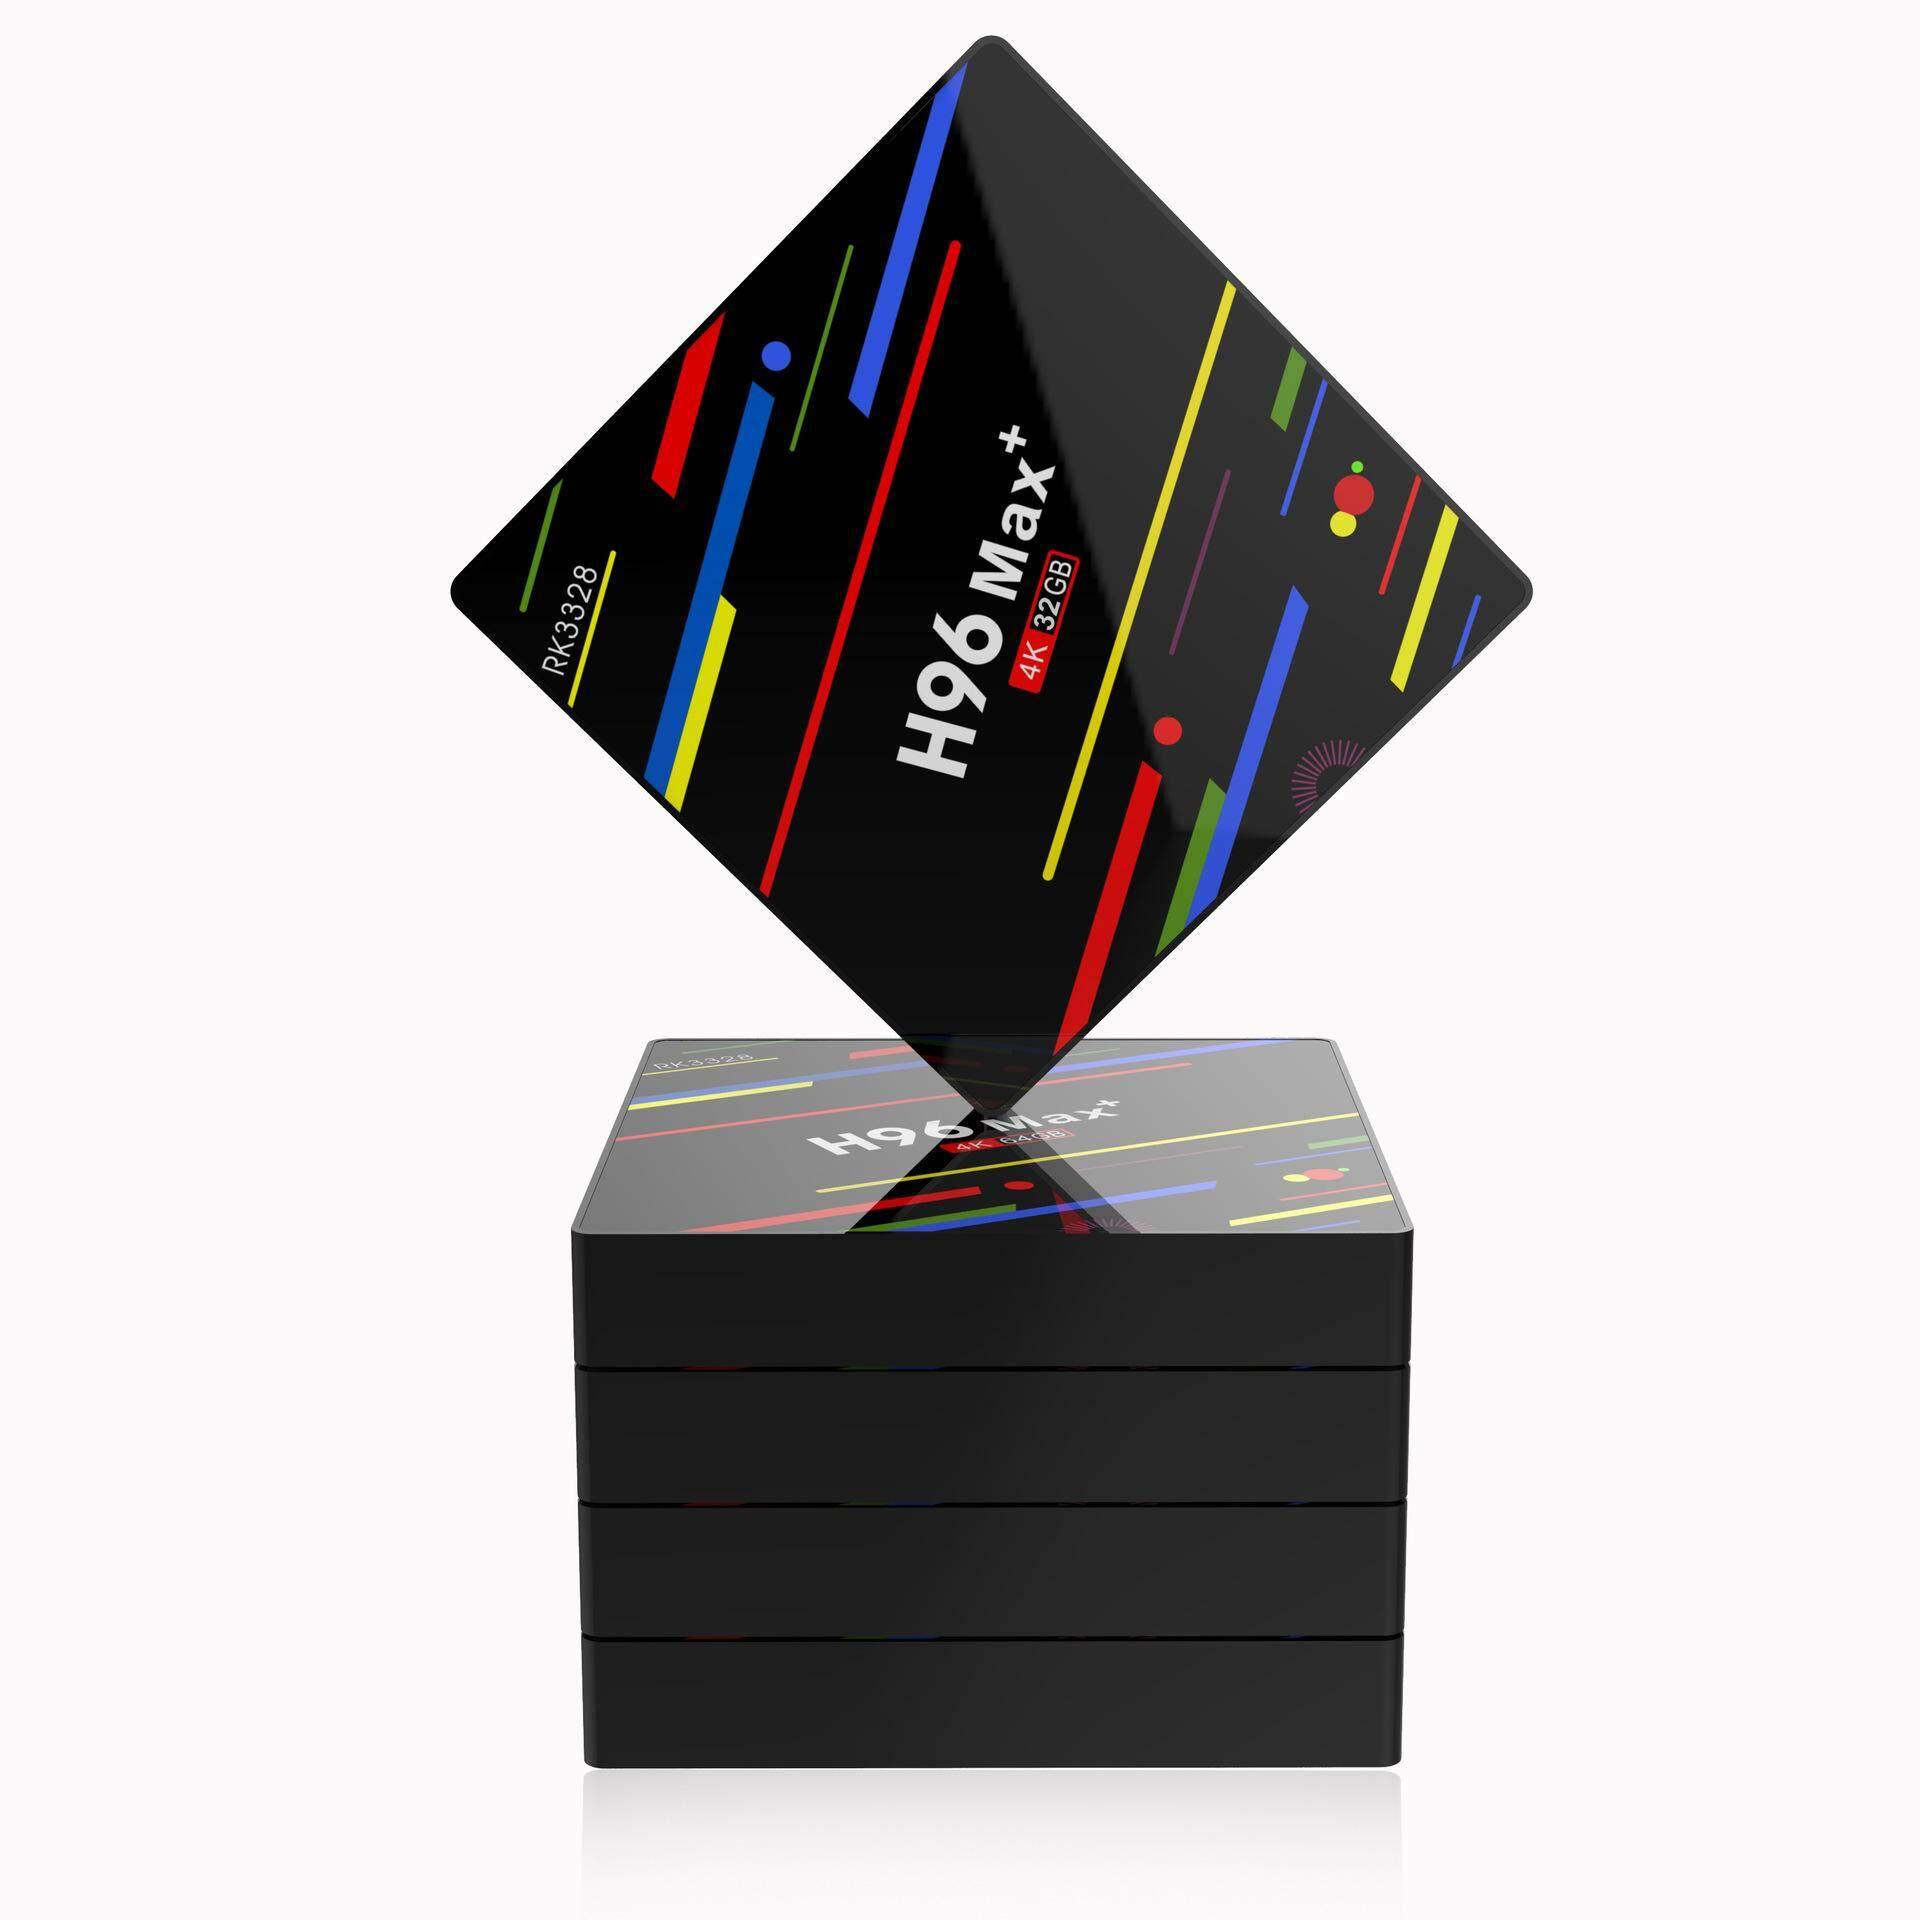 อุทัยธานี สินค้าใหม่ H96MAX+ Android 8.1 TV box  4 กรัม 64 กิกะไบต์กล่องทีวี H96 Max + Android 8.1 สมาร์ททีวีกล่อง RK3328 Quad - Core 64bit Cortex-A53 Penta - Core Mali - 450 ถึง 750 เมกะเฮิร์ตซ์ + Full HD/H.265/Dual WiFi Smart Set Top